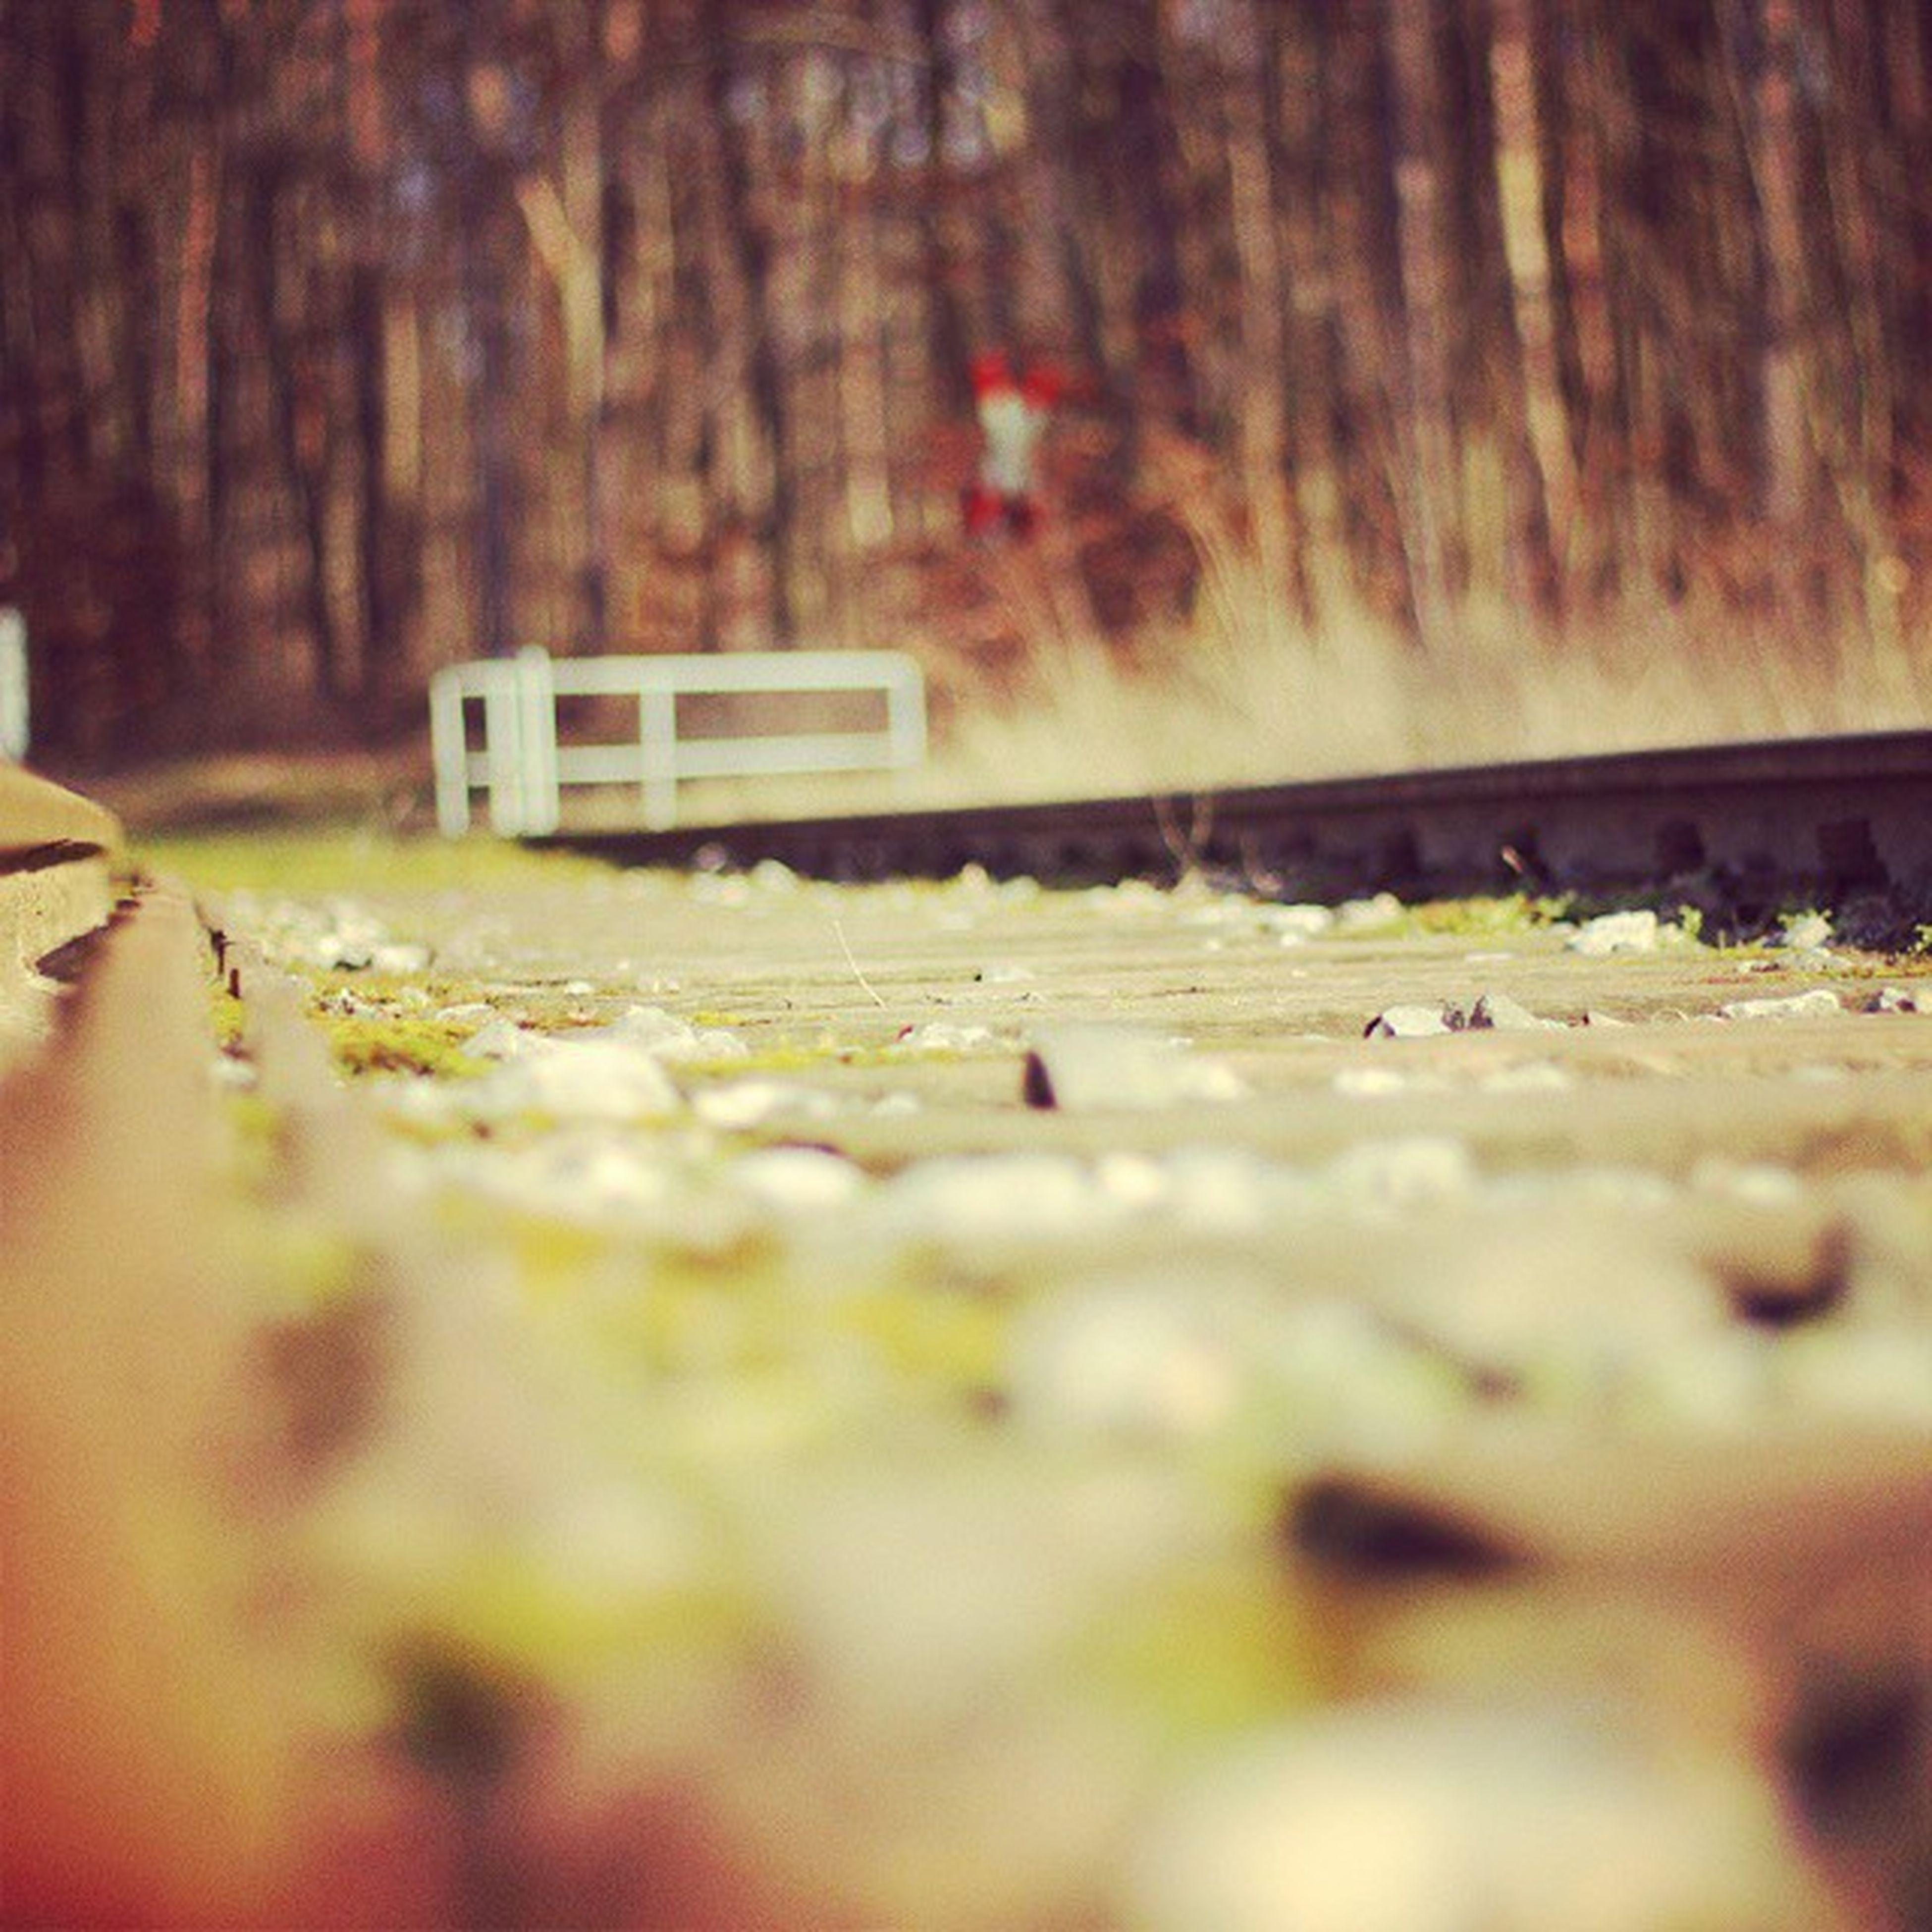 Es_fährt_kein_zug ,Zug ,Gleis ,Wald